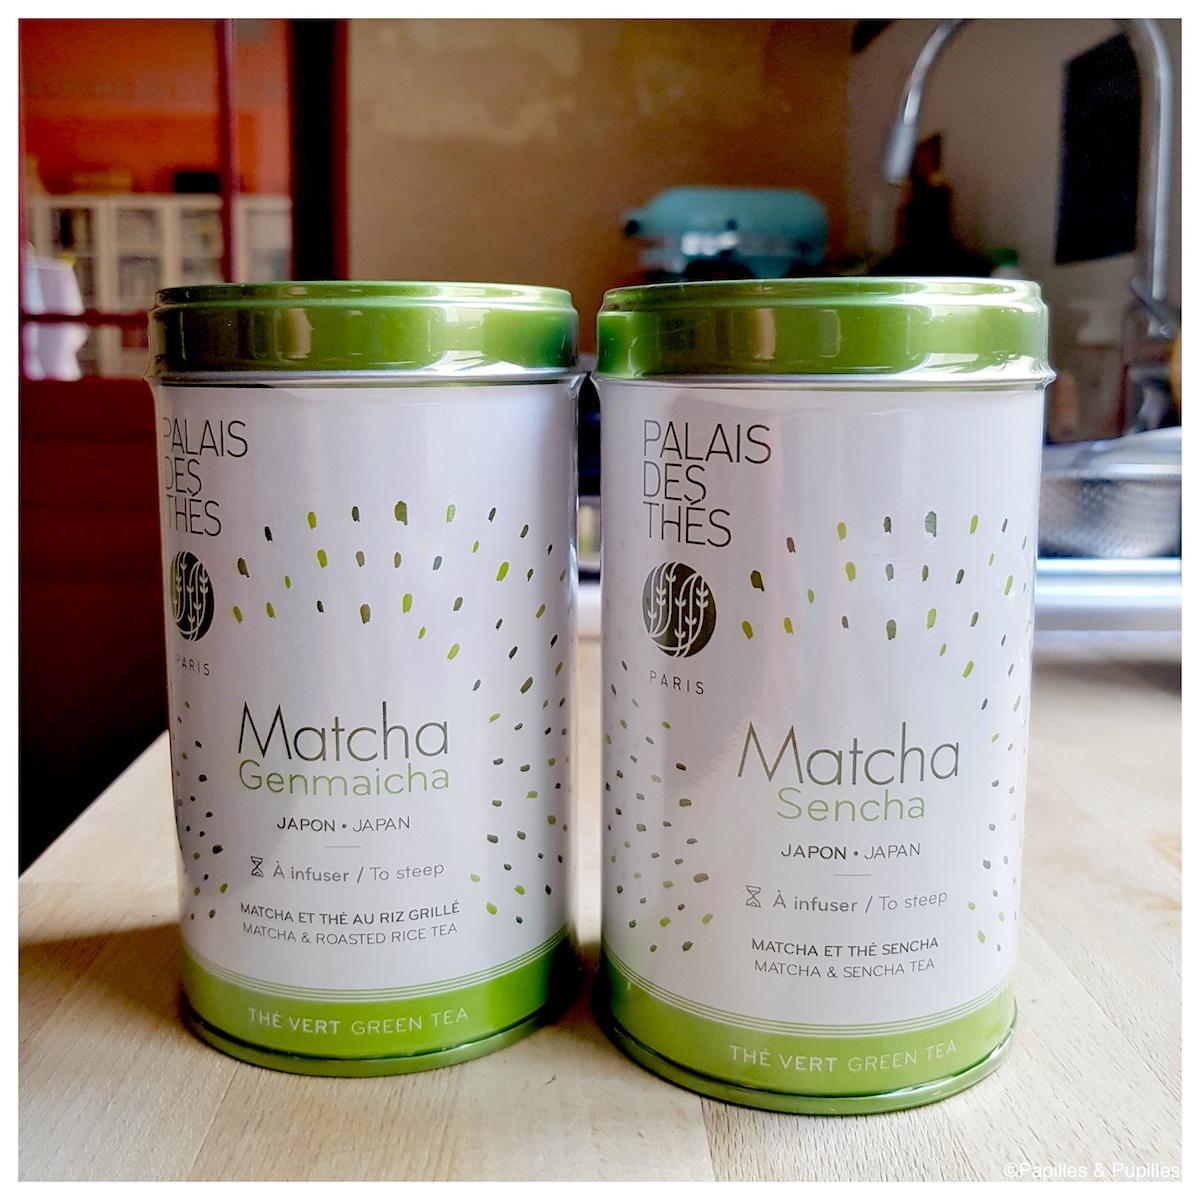 the matcha palais des thes